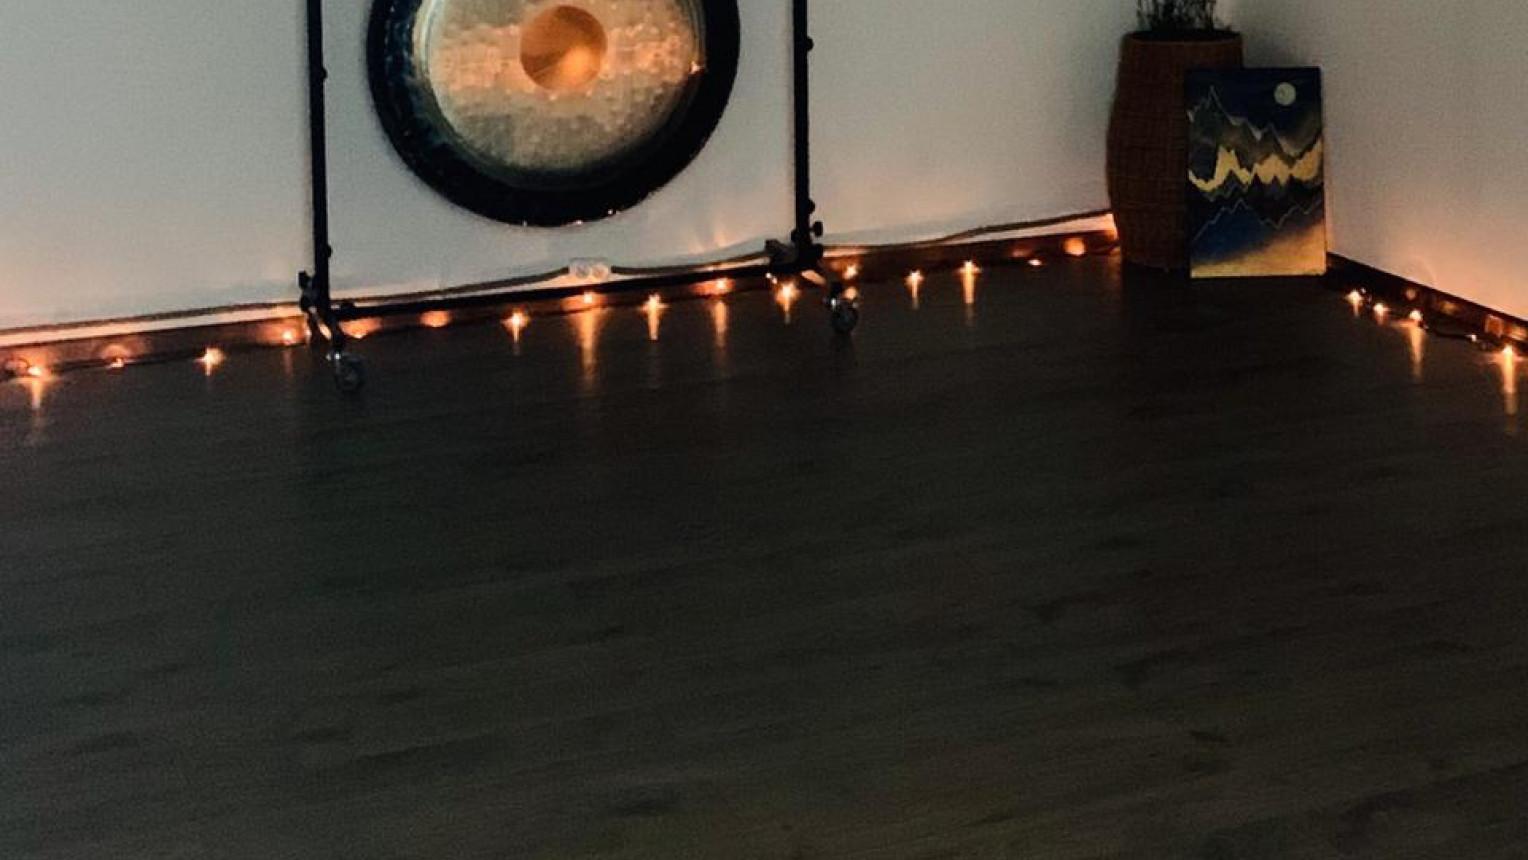 Зал для йоги и практик - фото №3